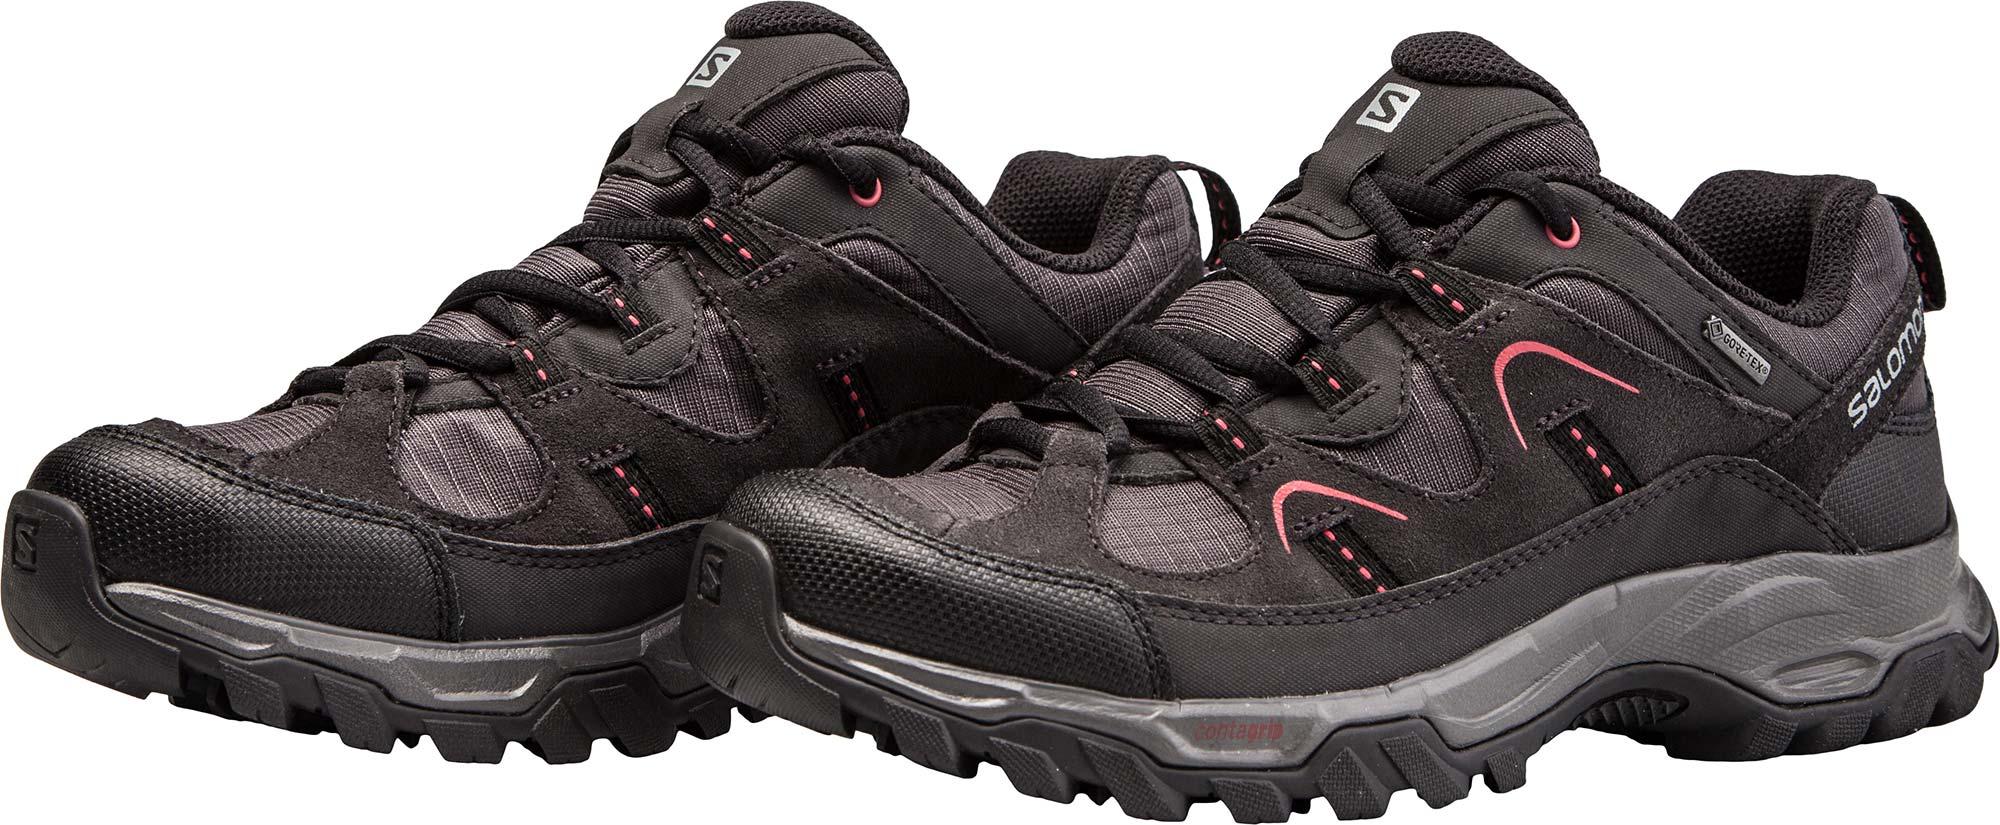 prodej na prodej nejlepší výběr levný boty salomon fortaleza